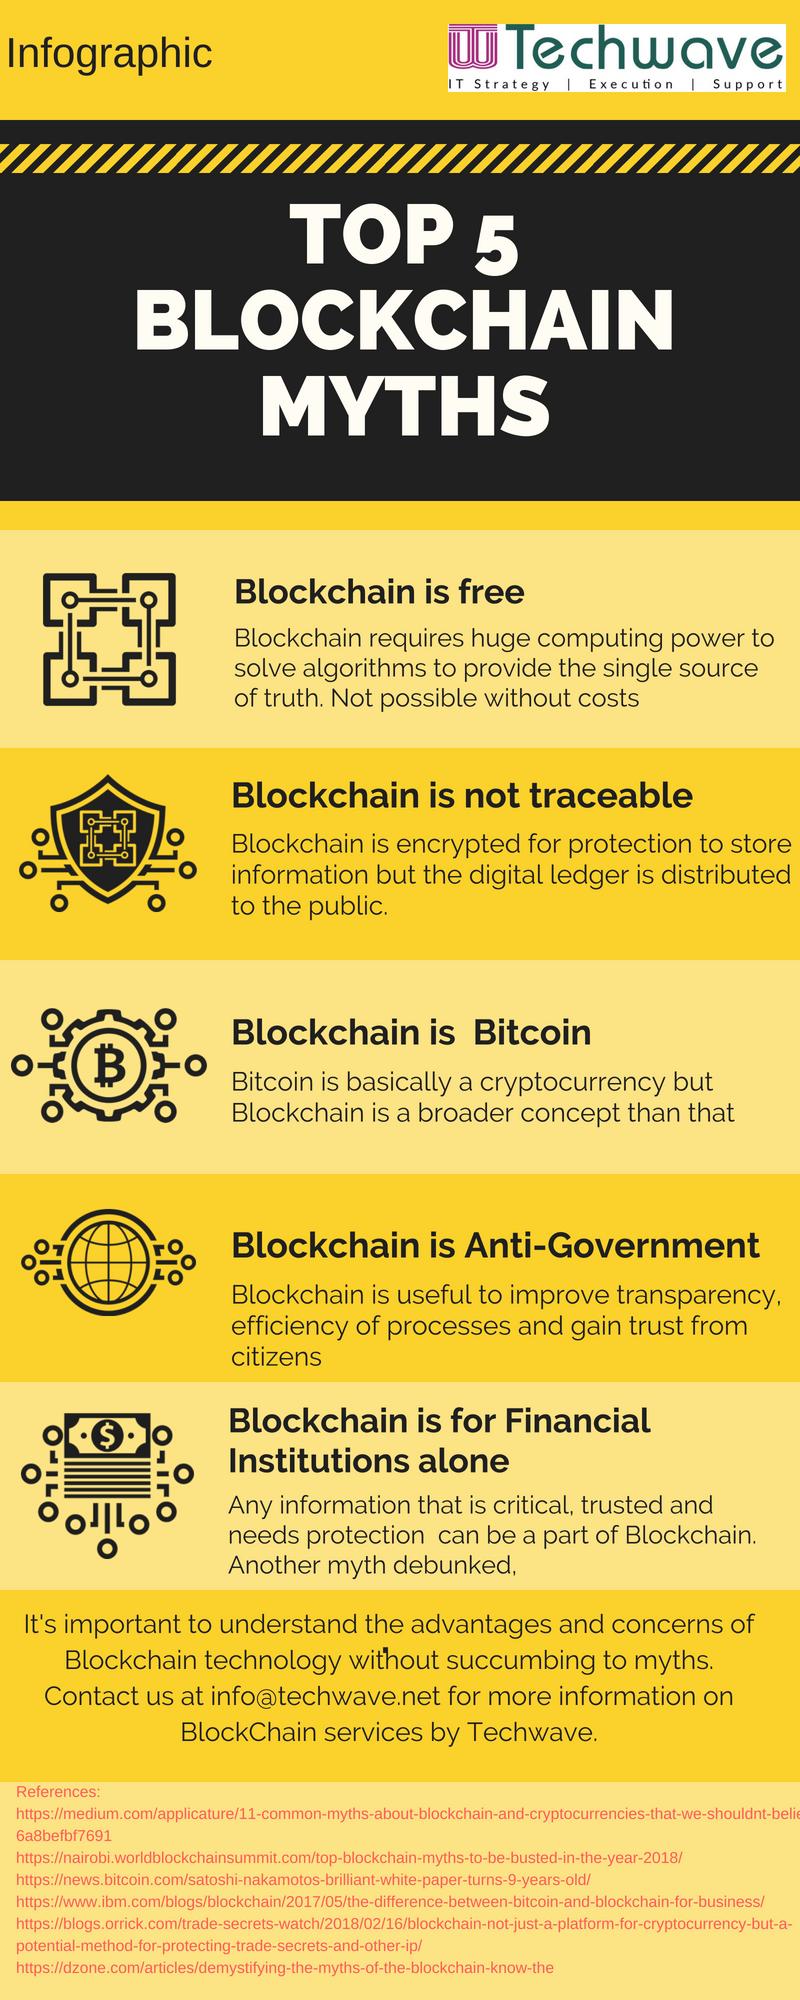 TOP 5 common blockchain myths